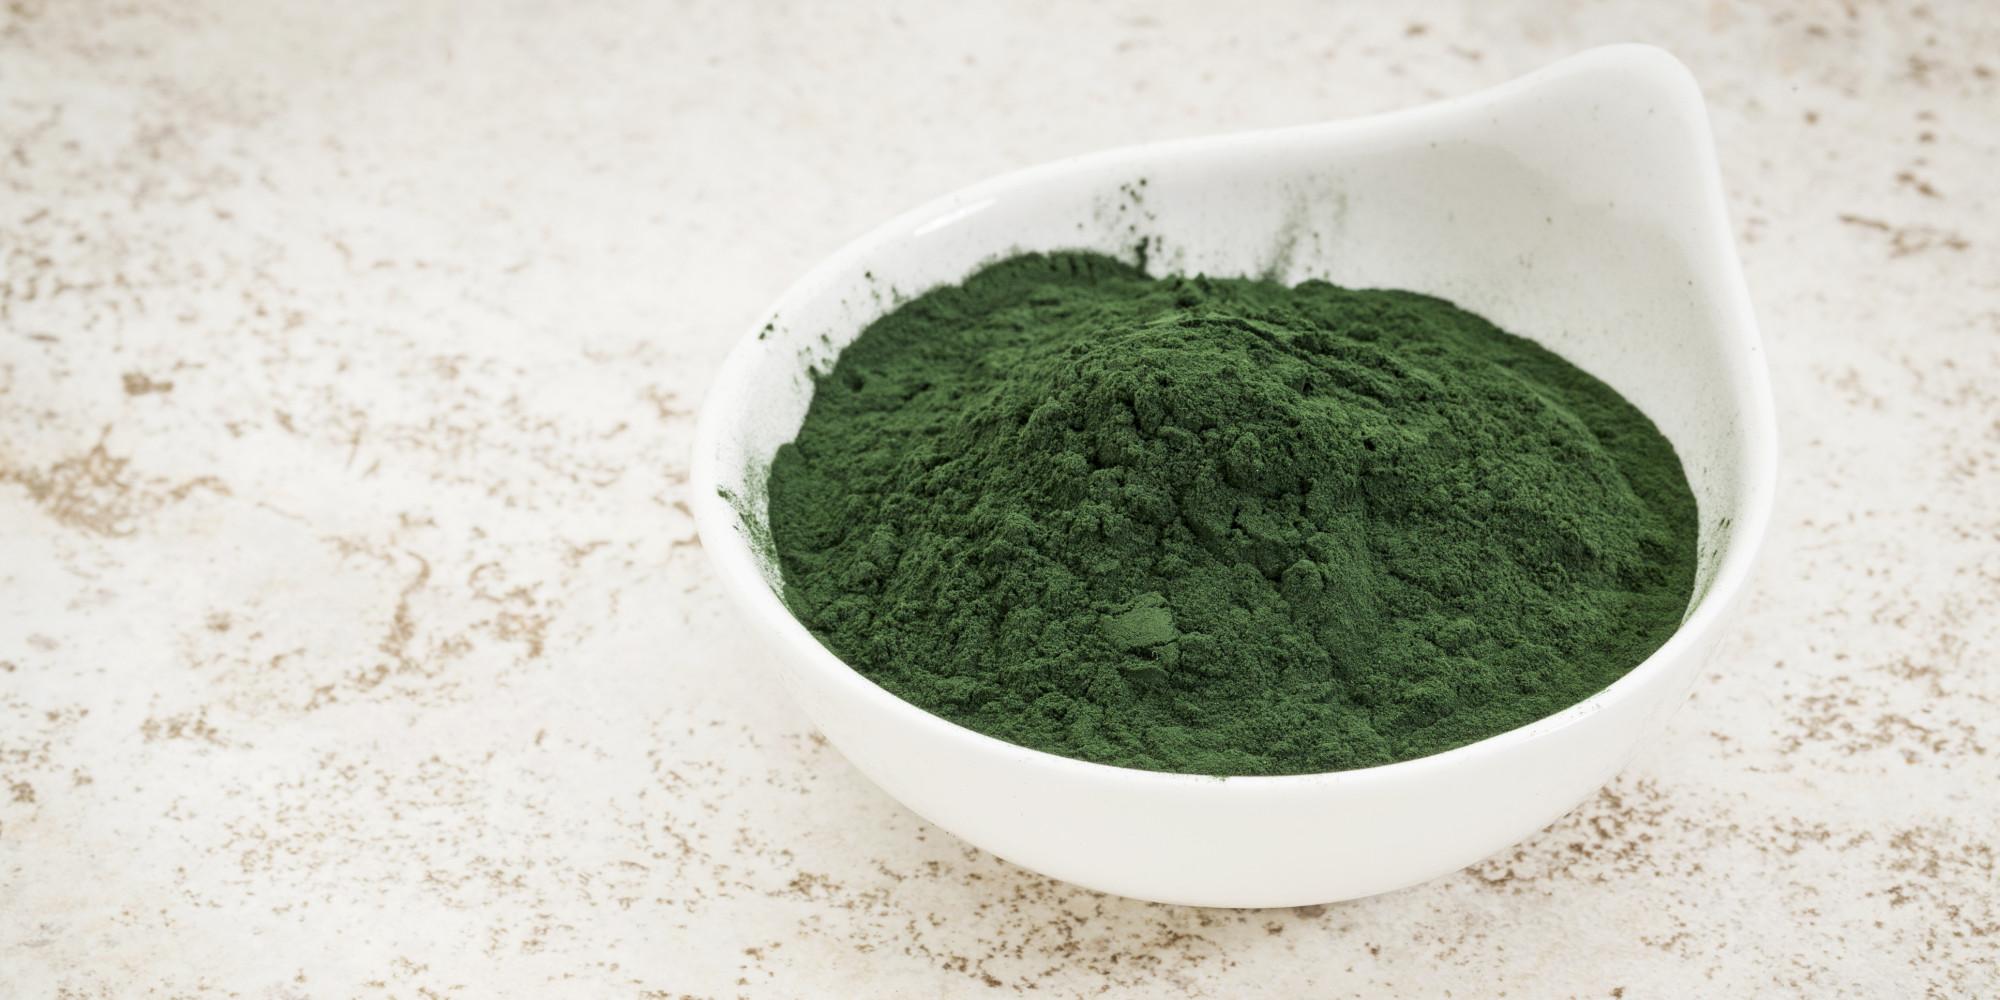 Spirulina: Health Benefits Of The Superfood Algae, Plus ...